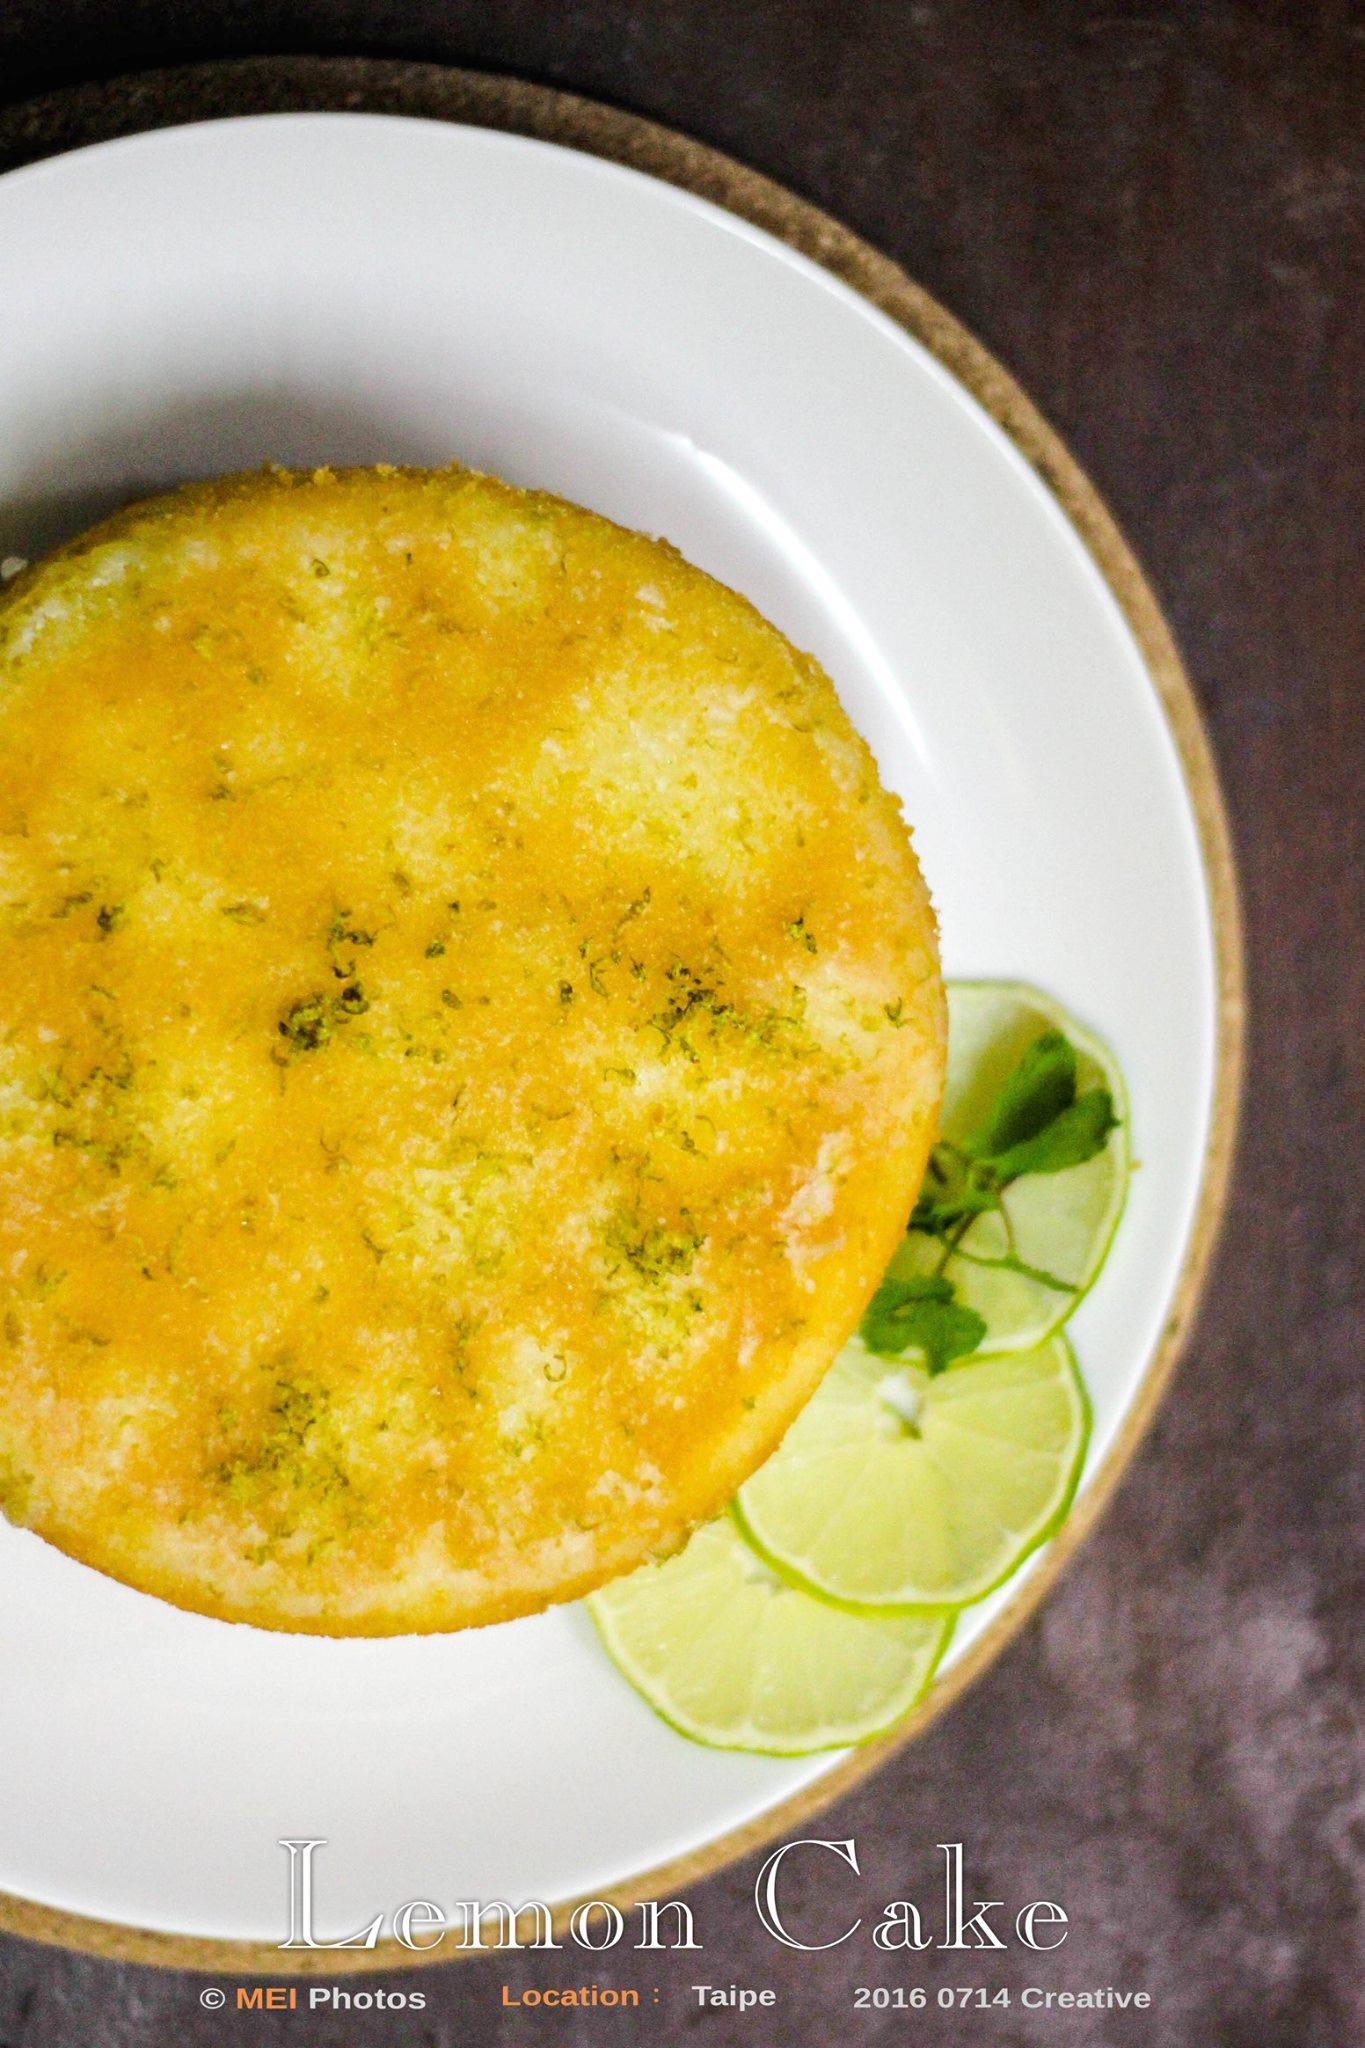 12分之一手作烘焙【老奶奶檸檬蛋糕 - 6吋】11月我與檸檬有約 9折優惠中!!!來自法國-蒙頓小鎮 檸檬嘉年華的鄉間美味手作蛋糕